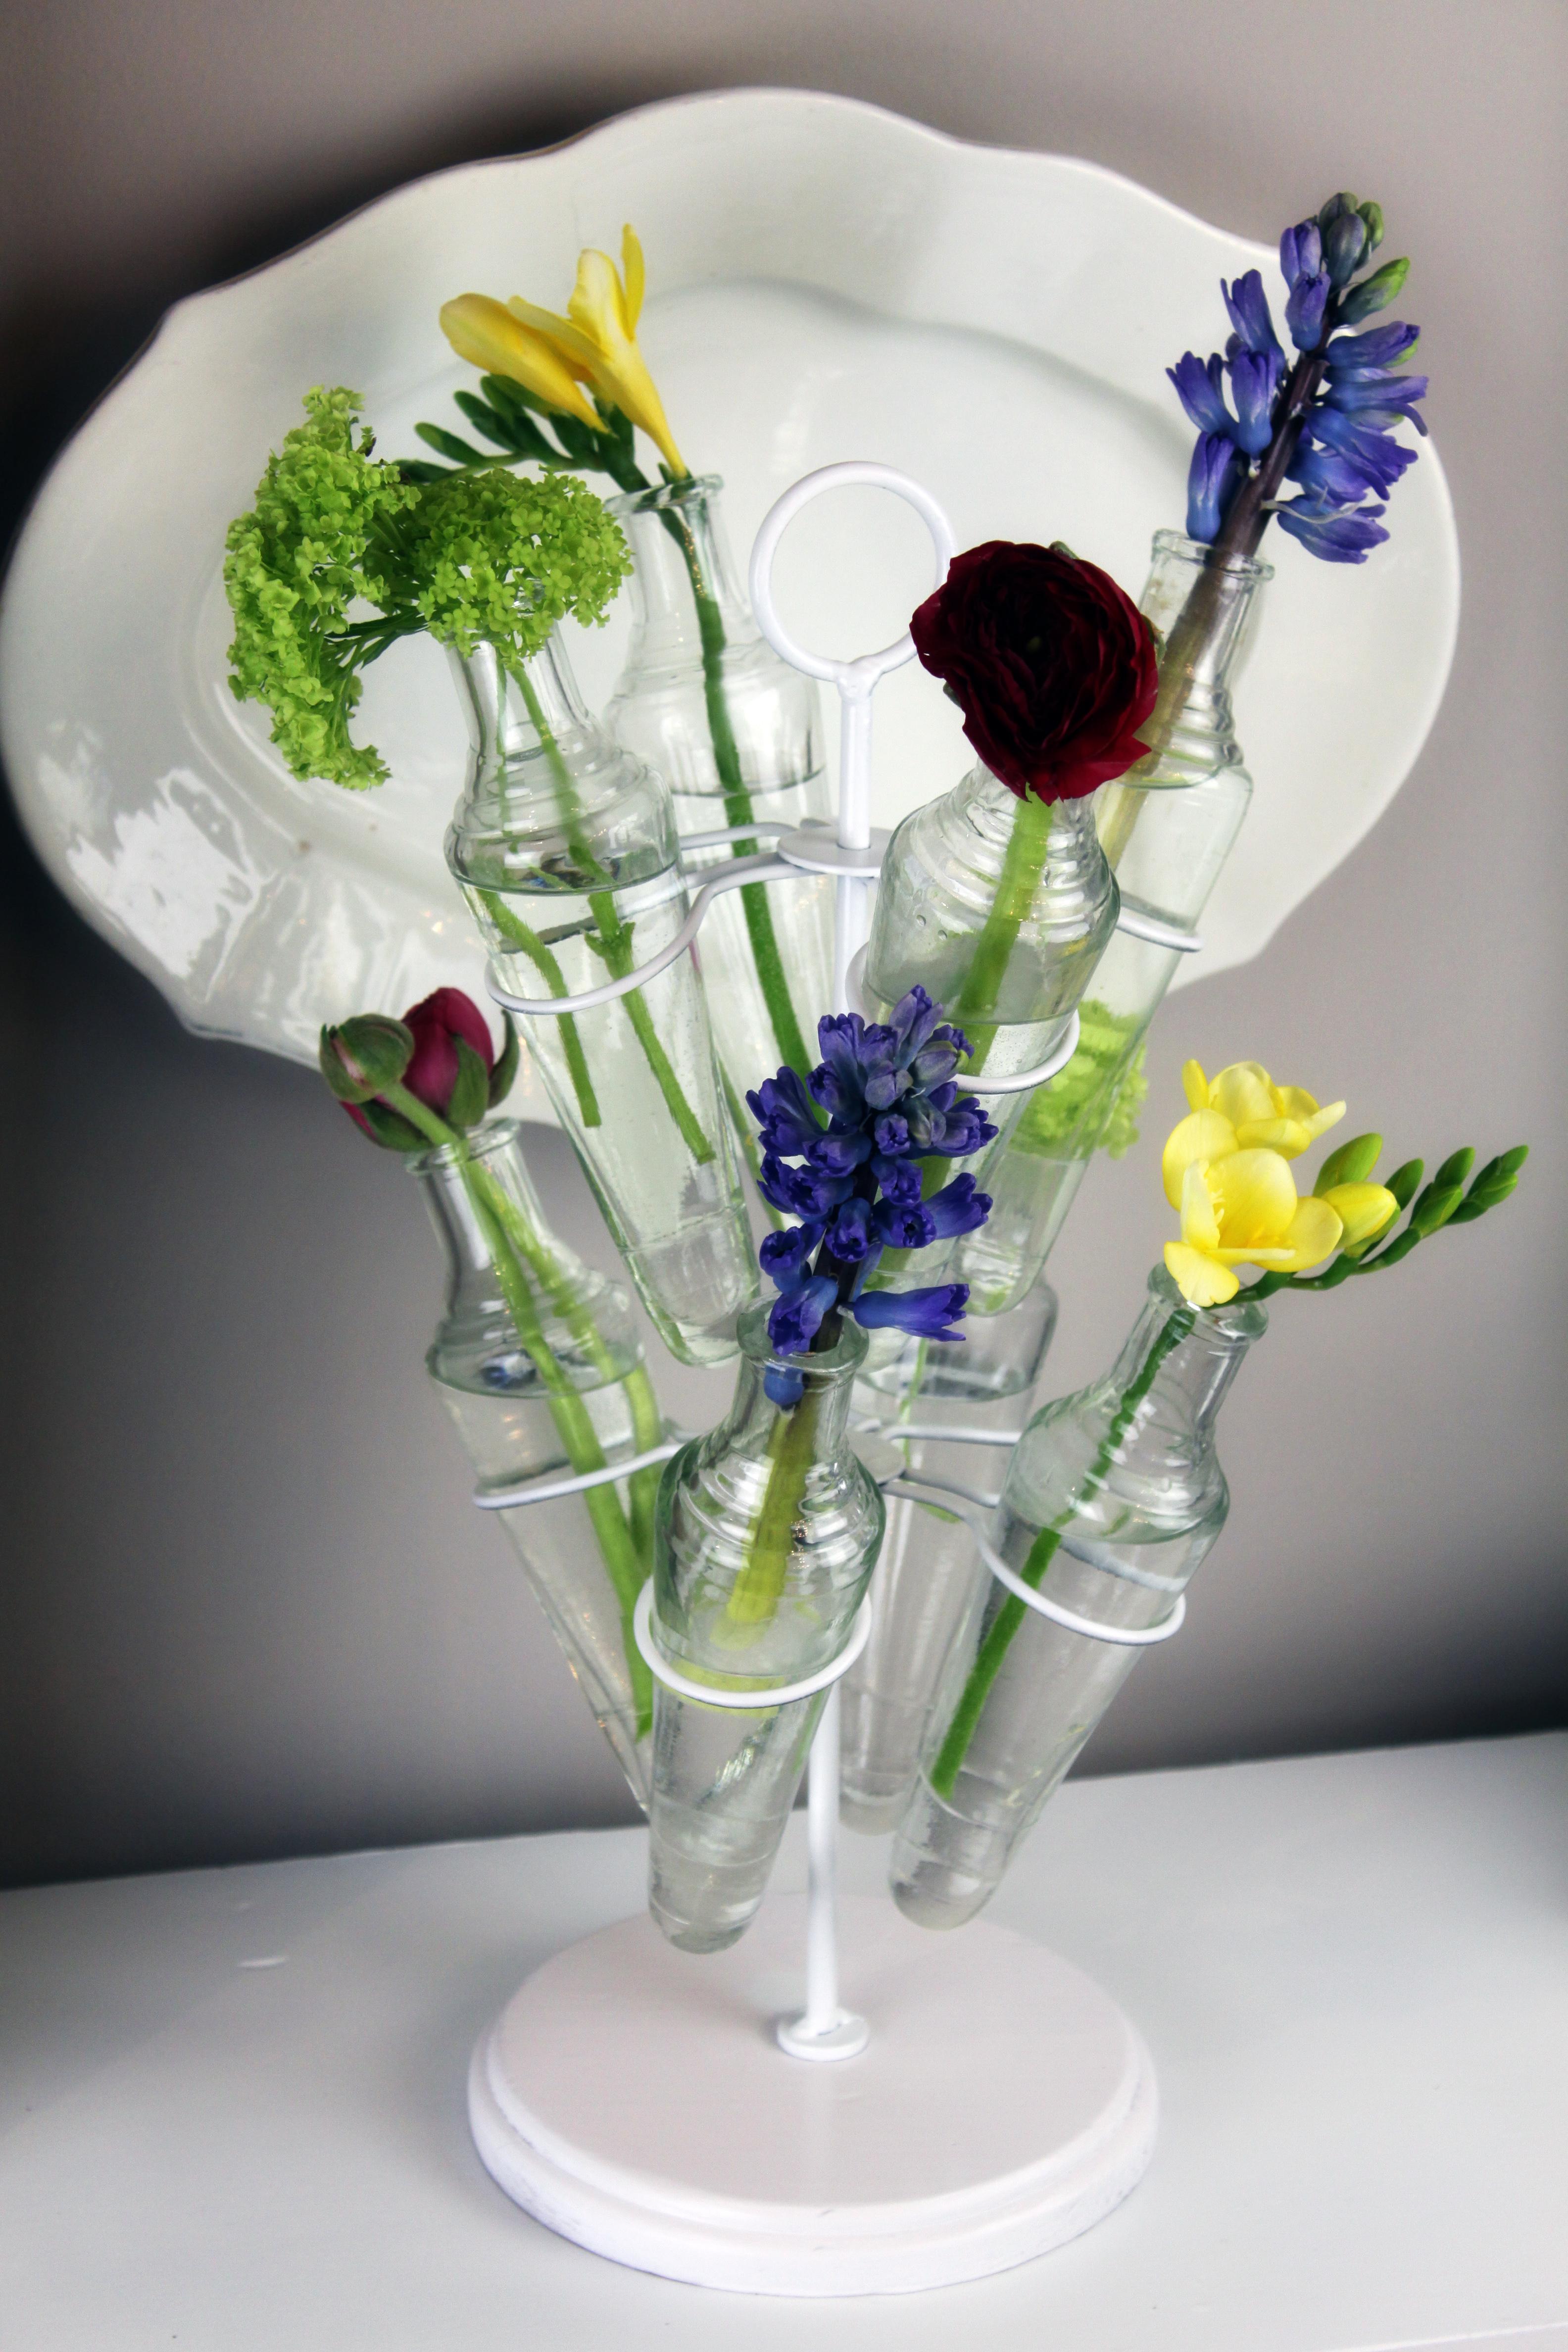 Flower vase kijiji - So